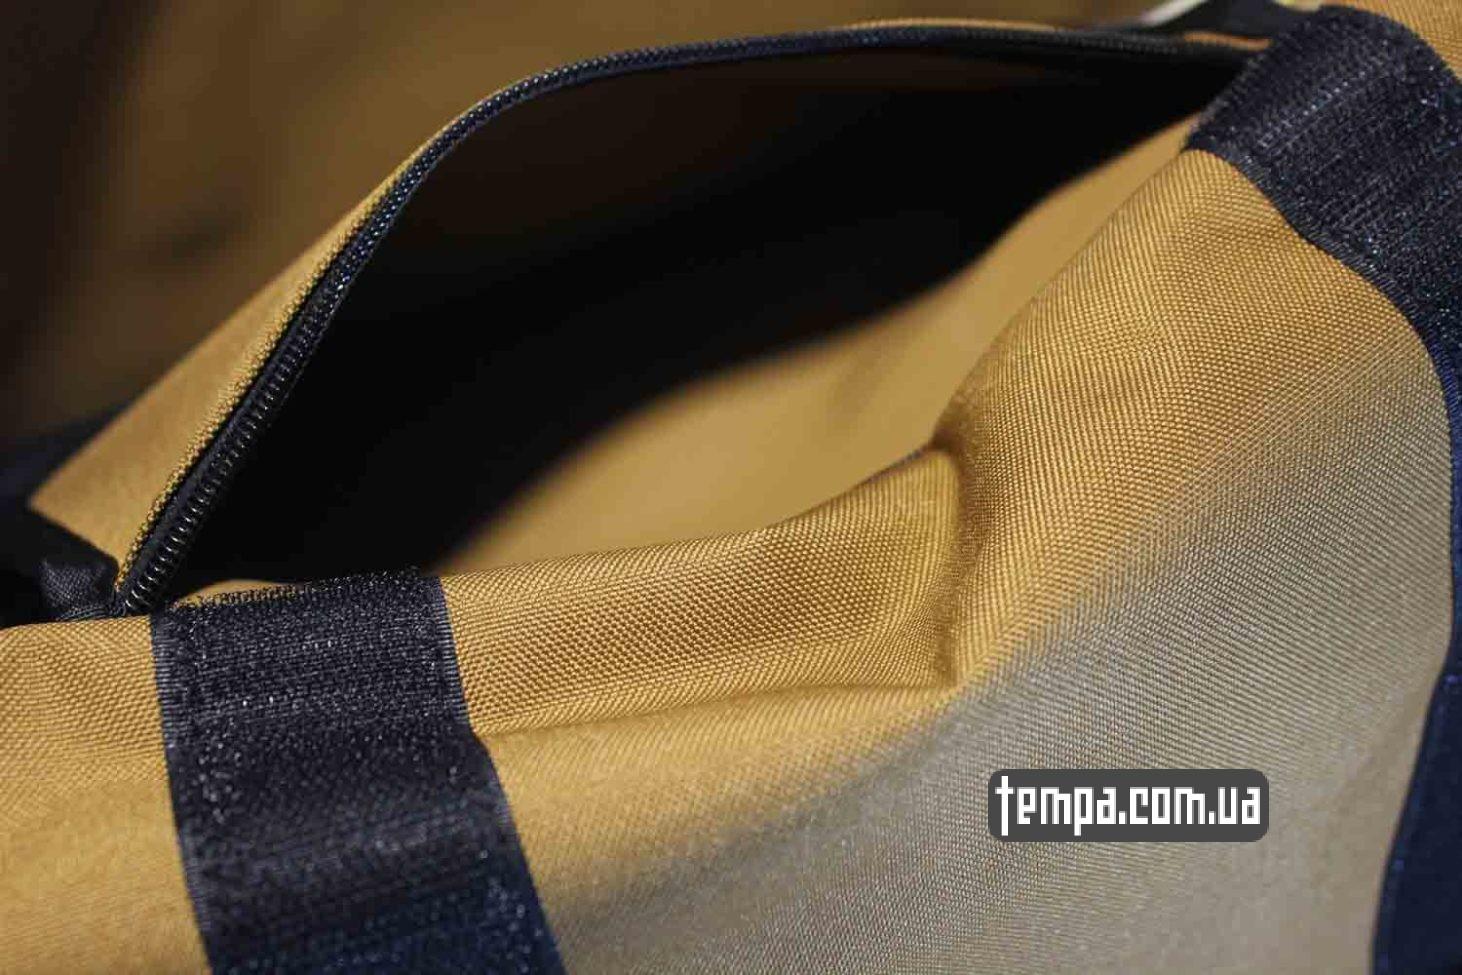 плотная прочная сумка через плечо carhartt bag коричневая купить Украина